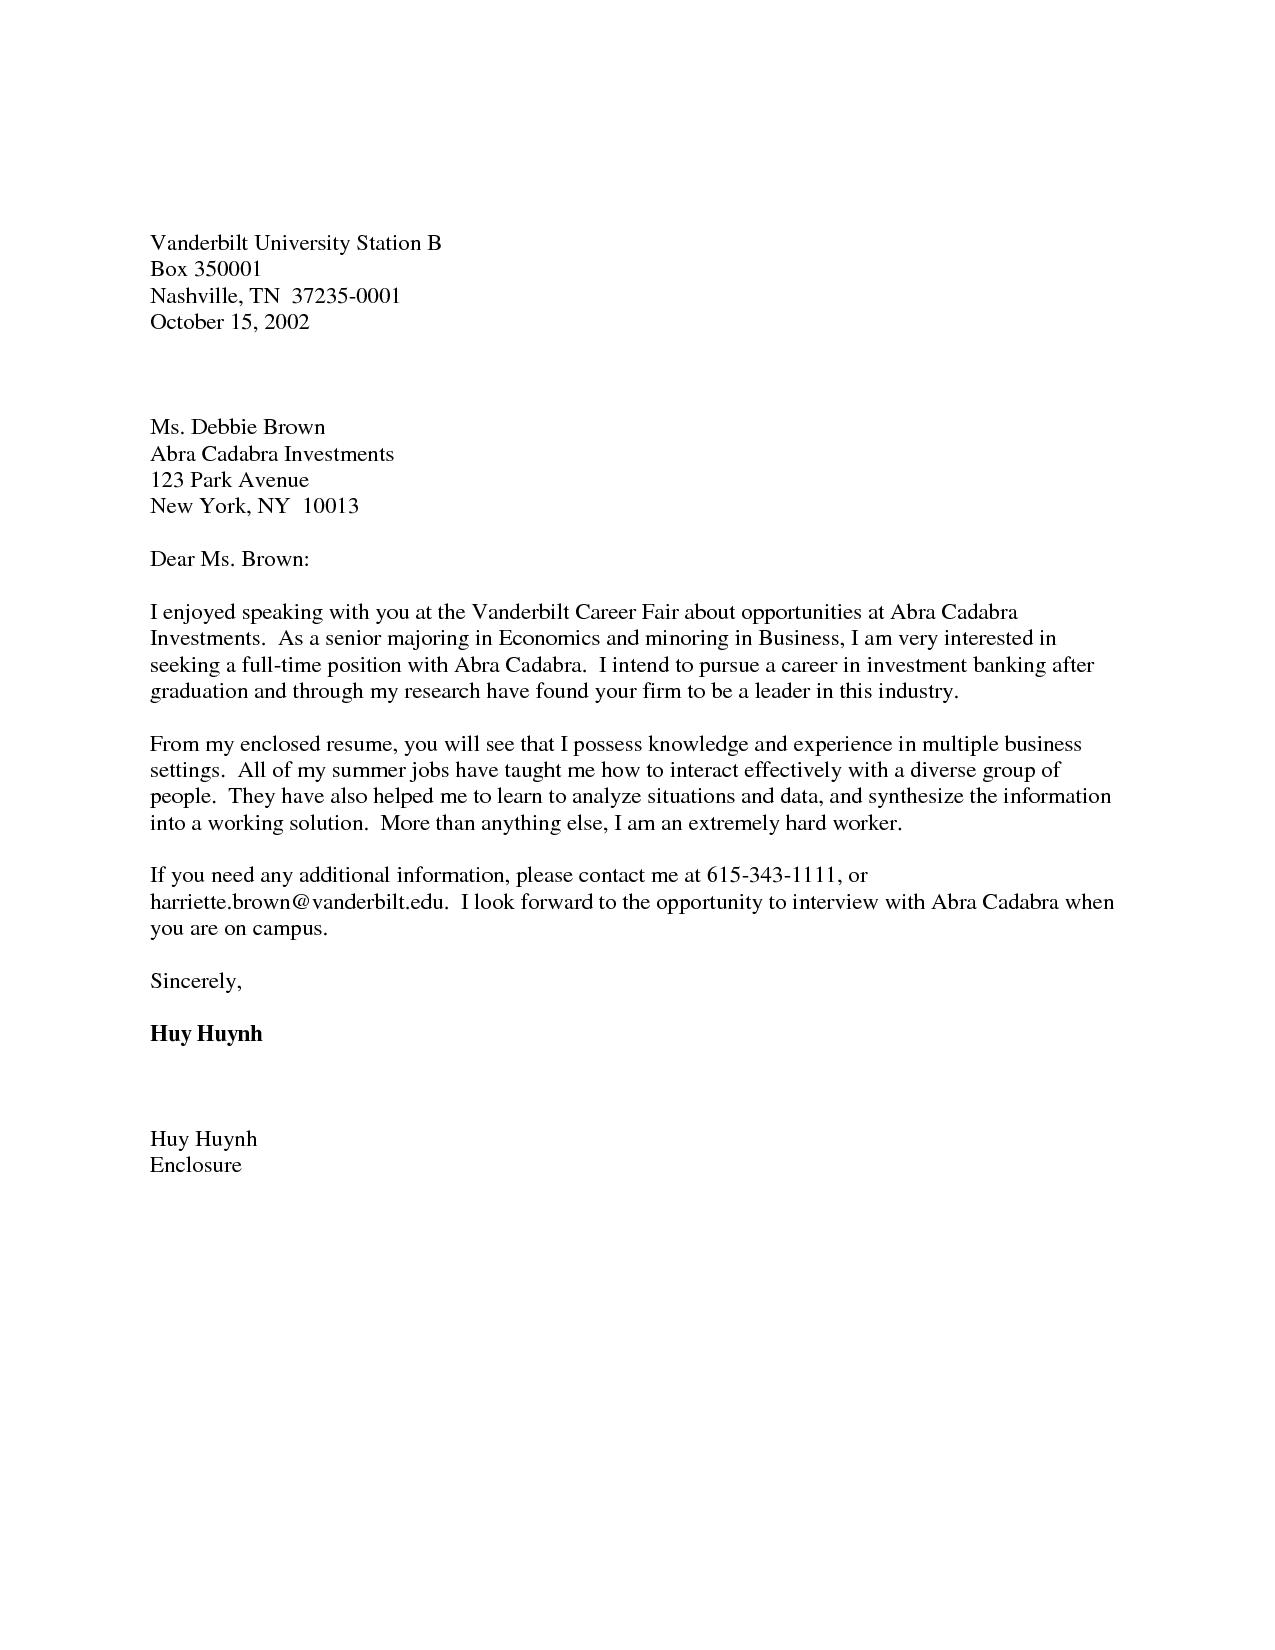 Cover Letter Sample Summer JobCover Letter Samples For